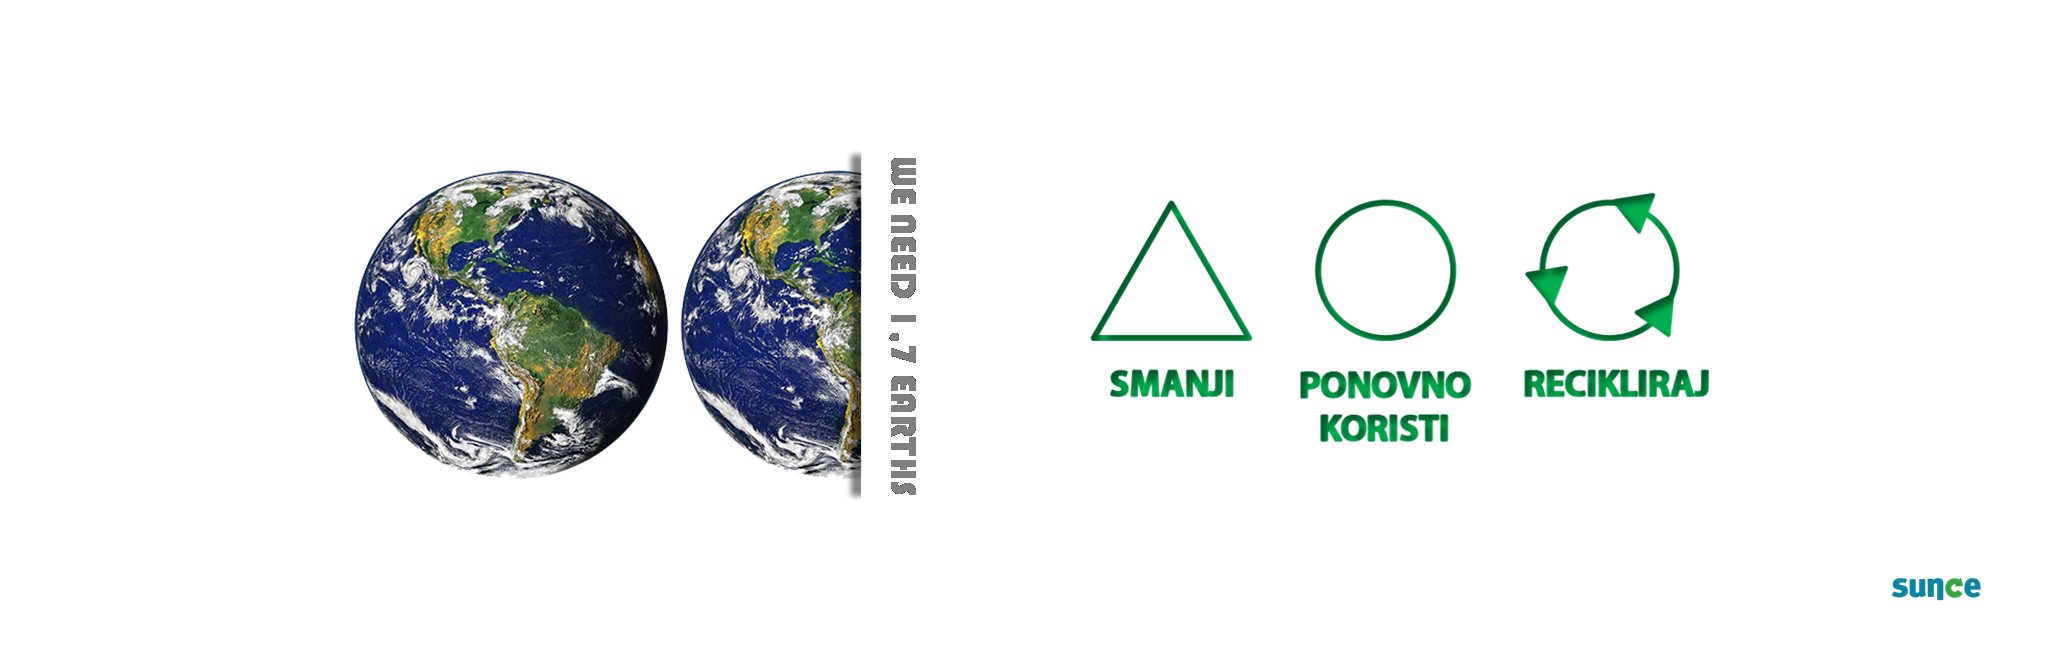 Predstavljamo program Udruge Sunce povodom obilježavanja Dana planeta Zemlje 2018. godine